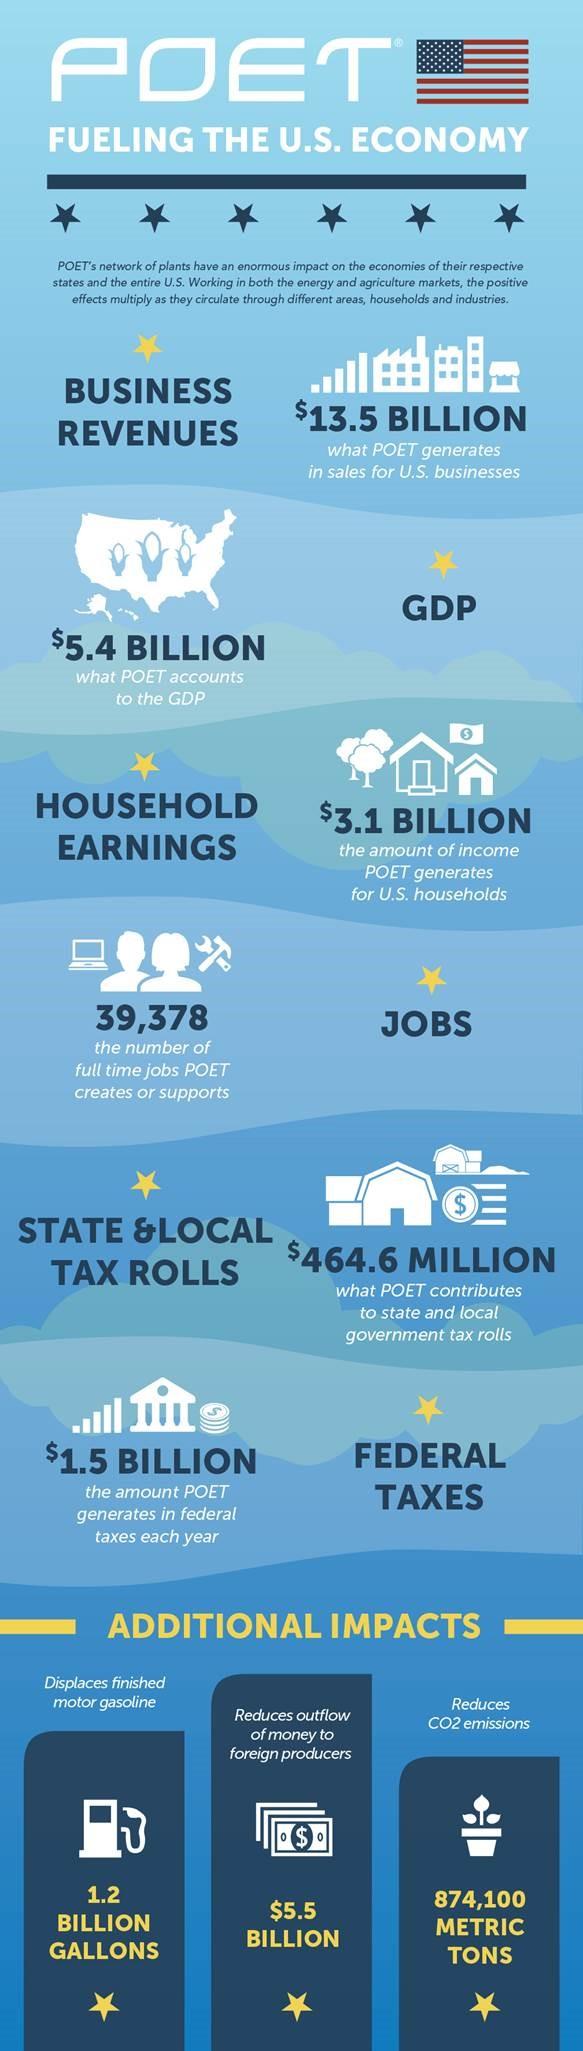 POET's Economic Impact